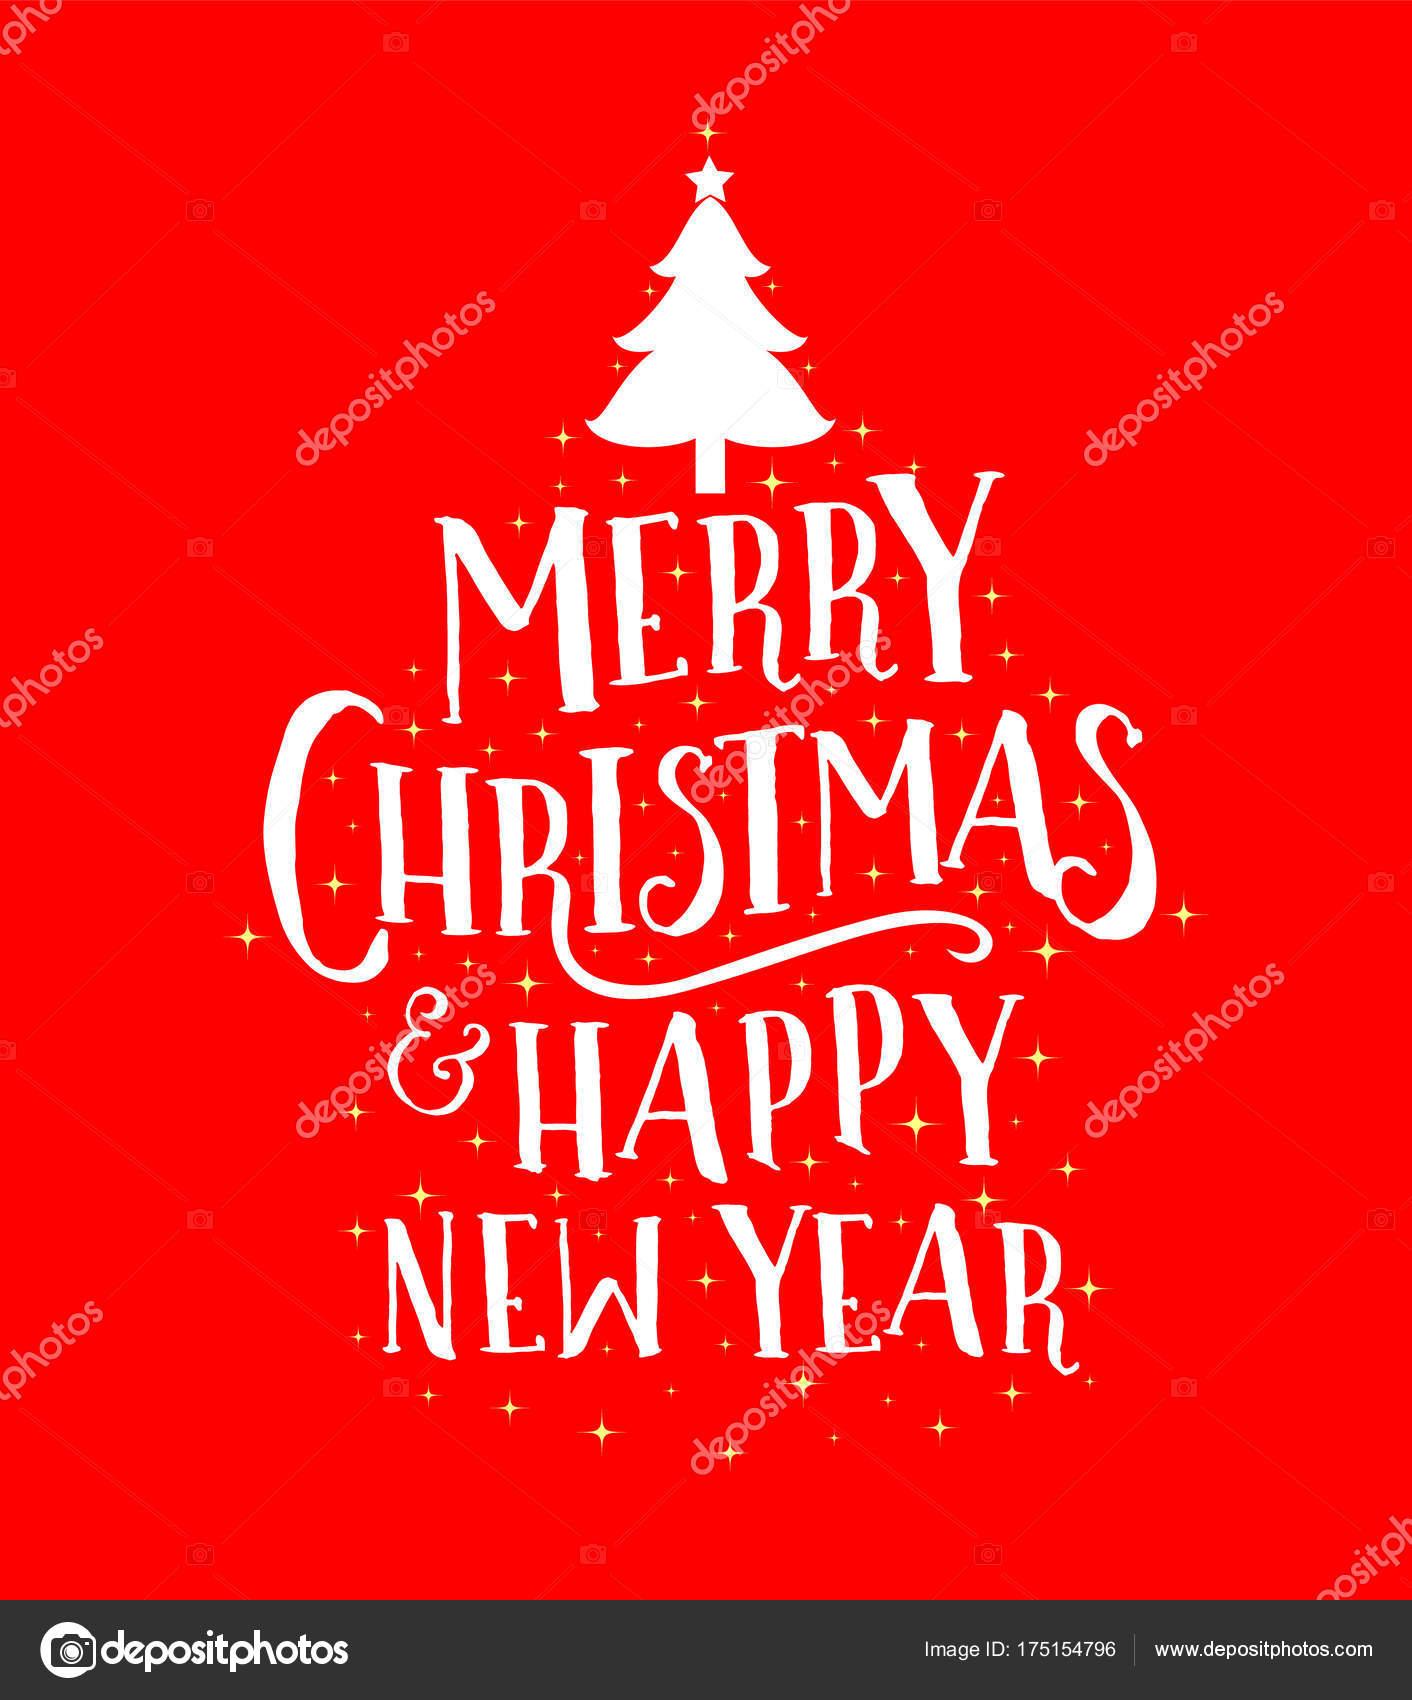 Frohe Weihnachten Und Happy New Year.Frohe Weihnachten Und Happy New Year Schriftzug Design Für Grußkarte